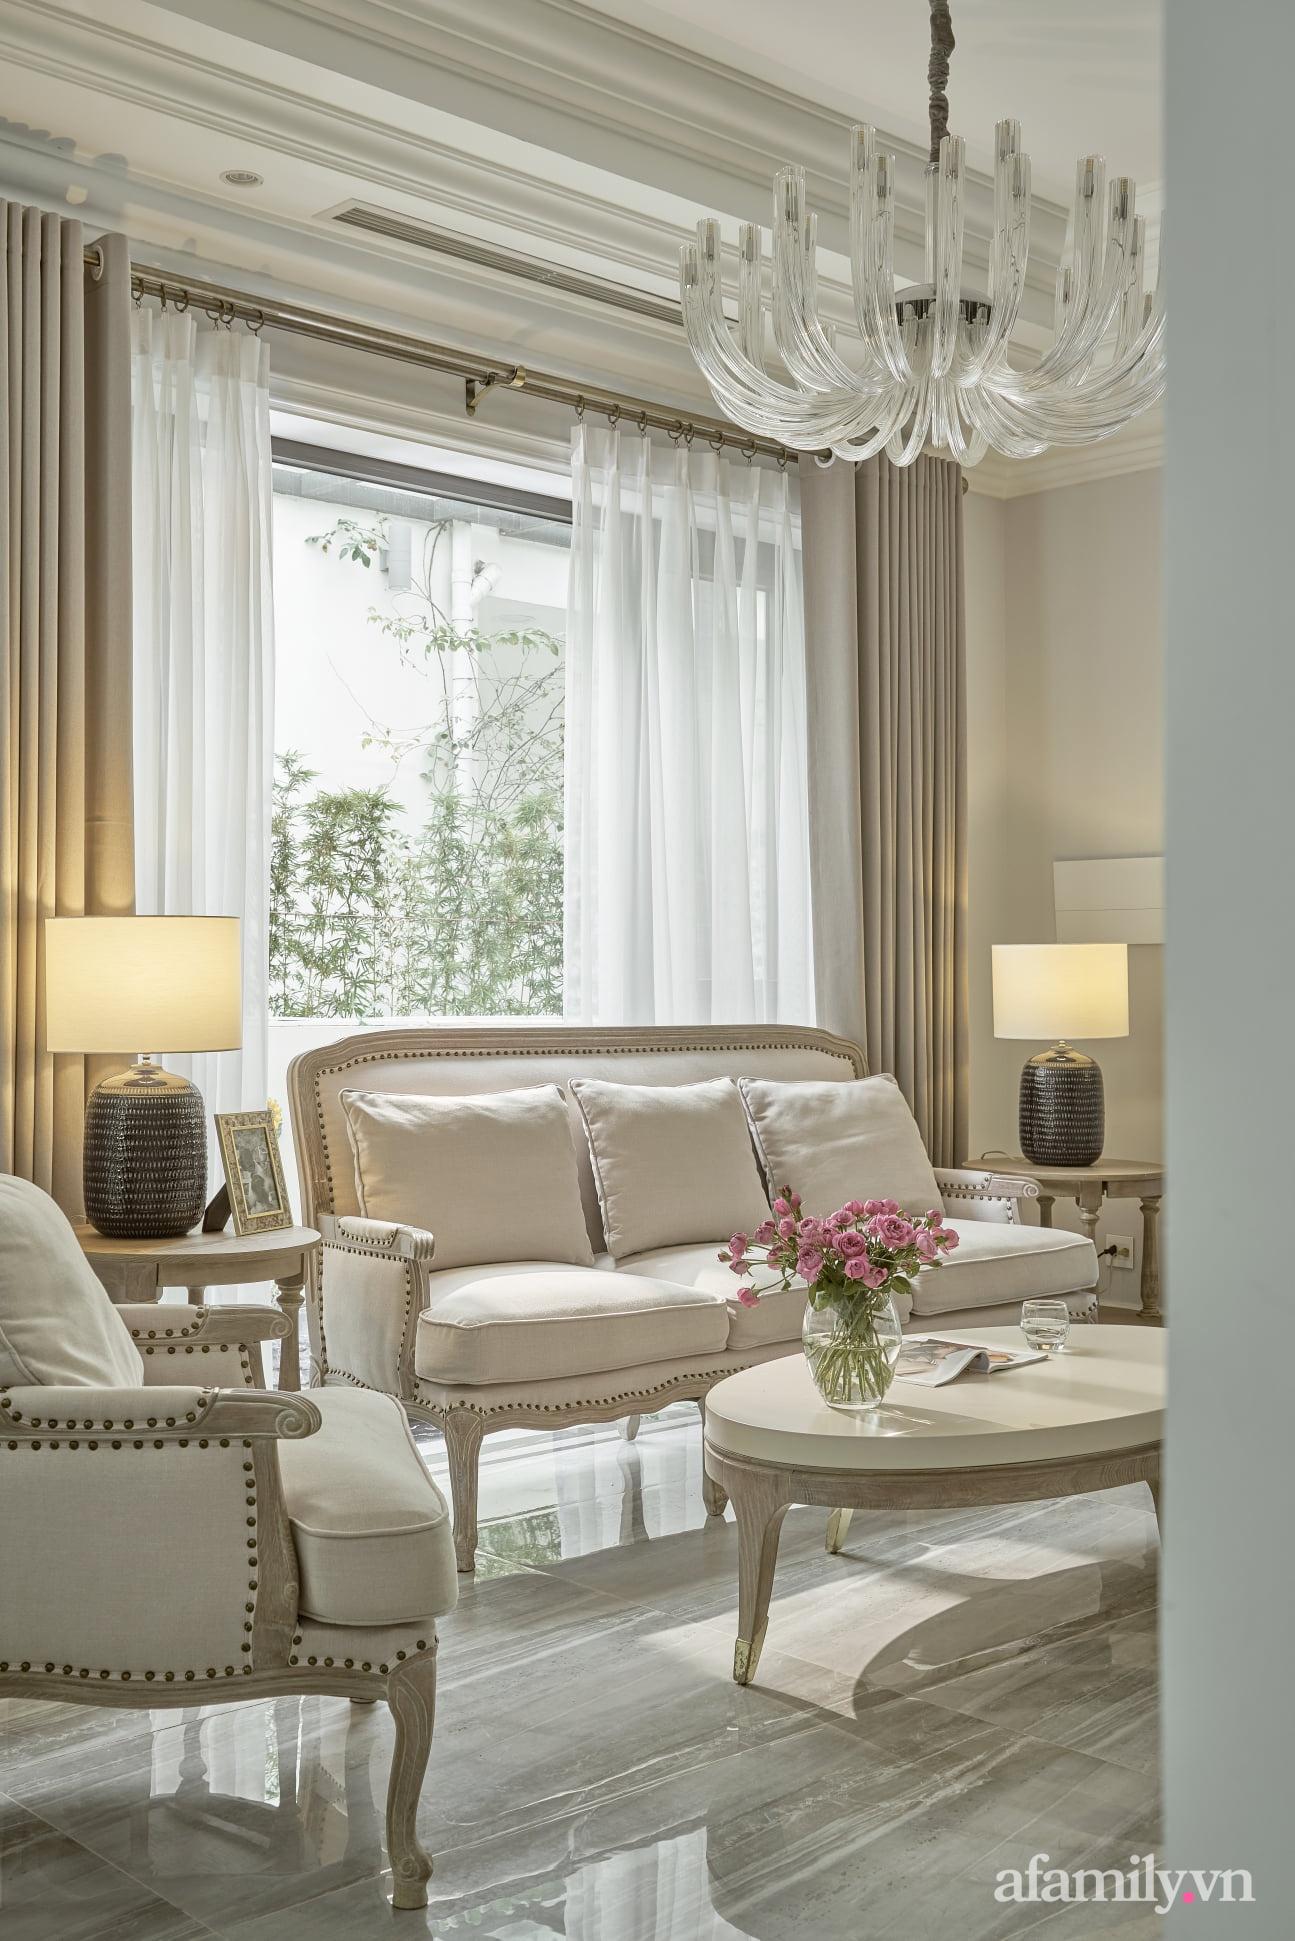 Nhà phố 3 tầng đẹp sang trọng với nội thất cực chất theo phong cách Traditional ở Hà Nội - Ảnh 9.